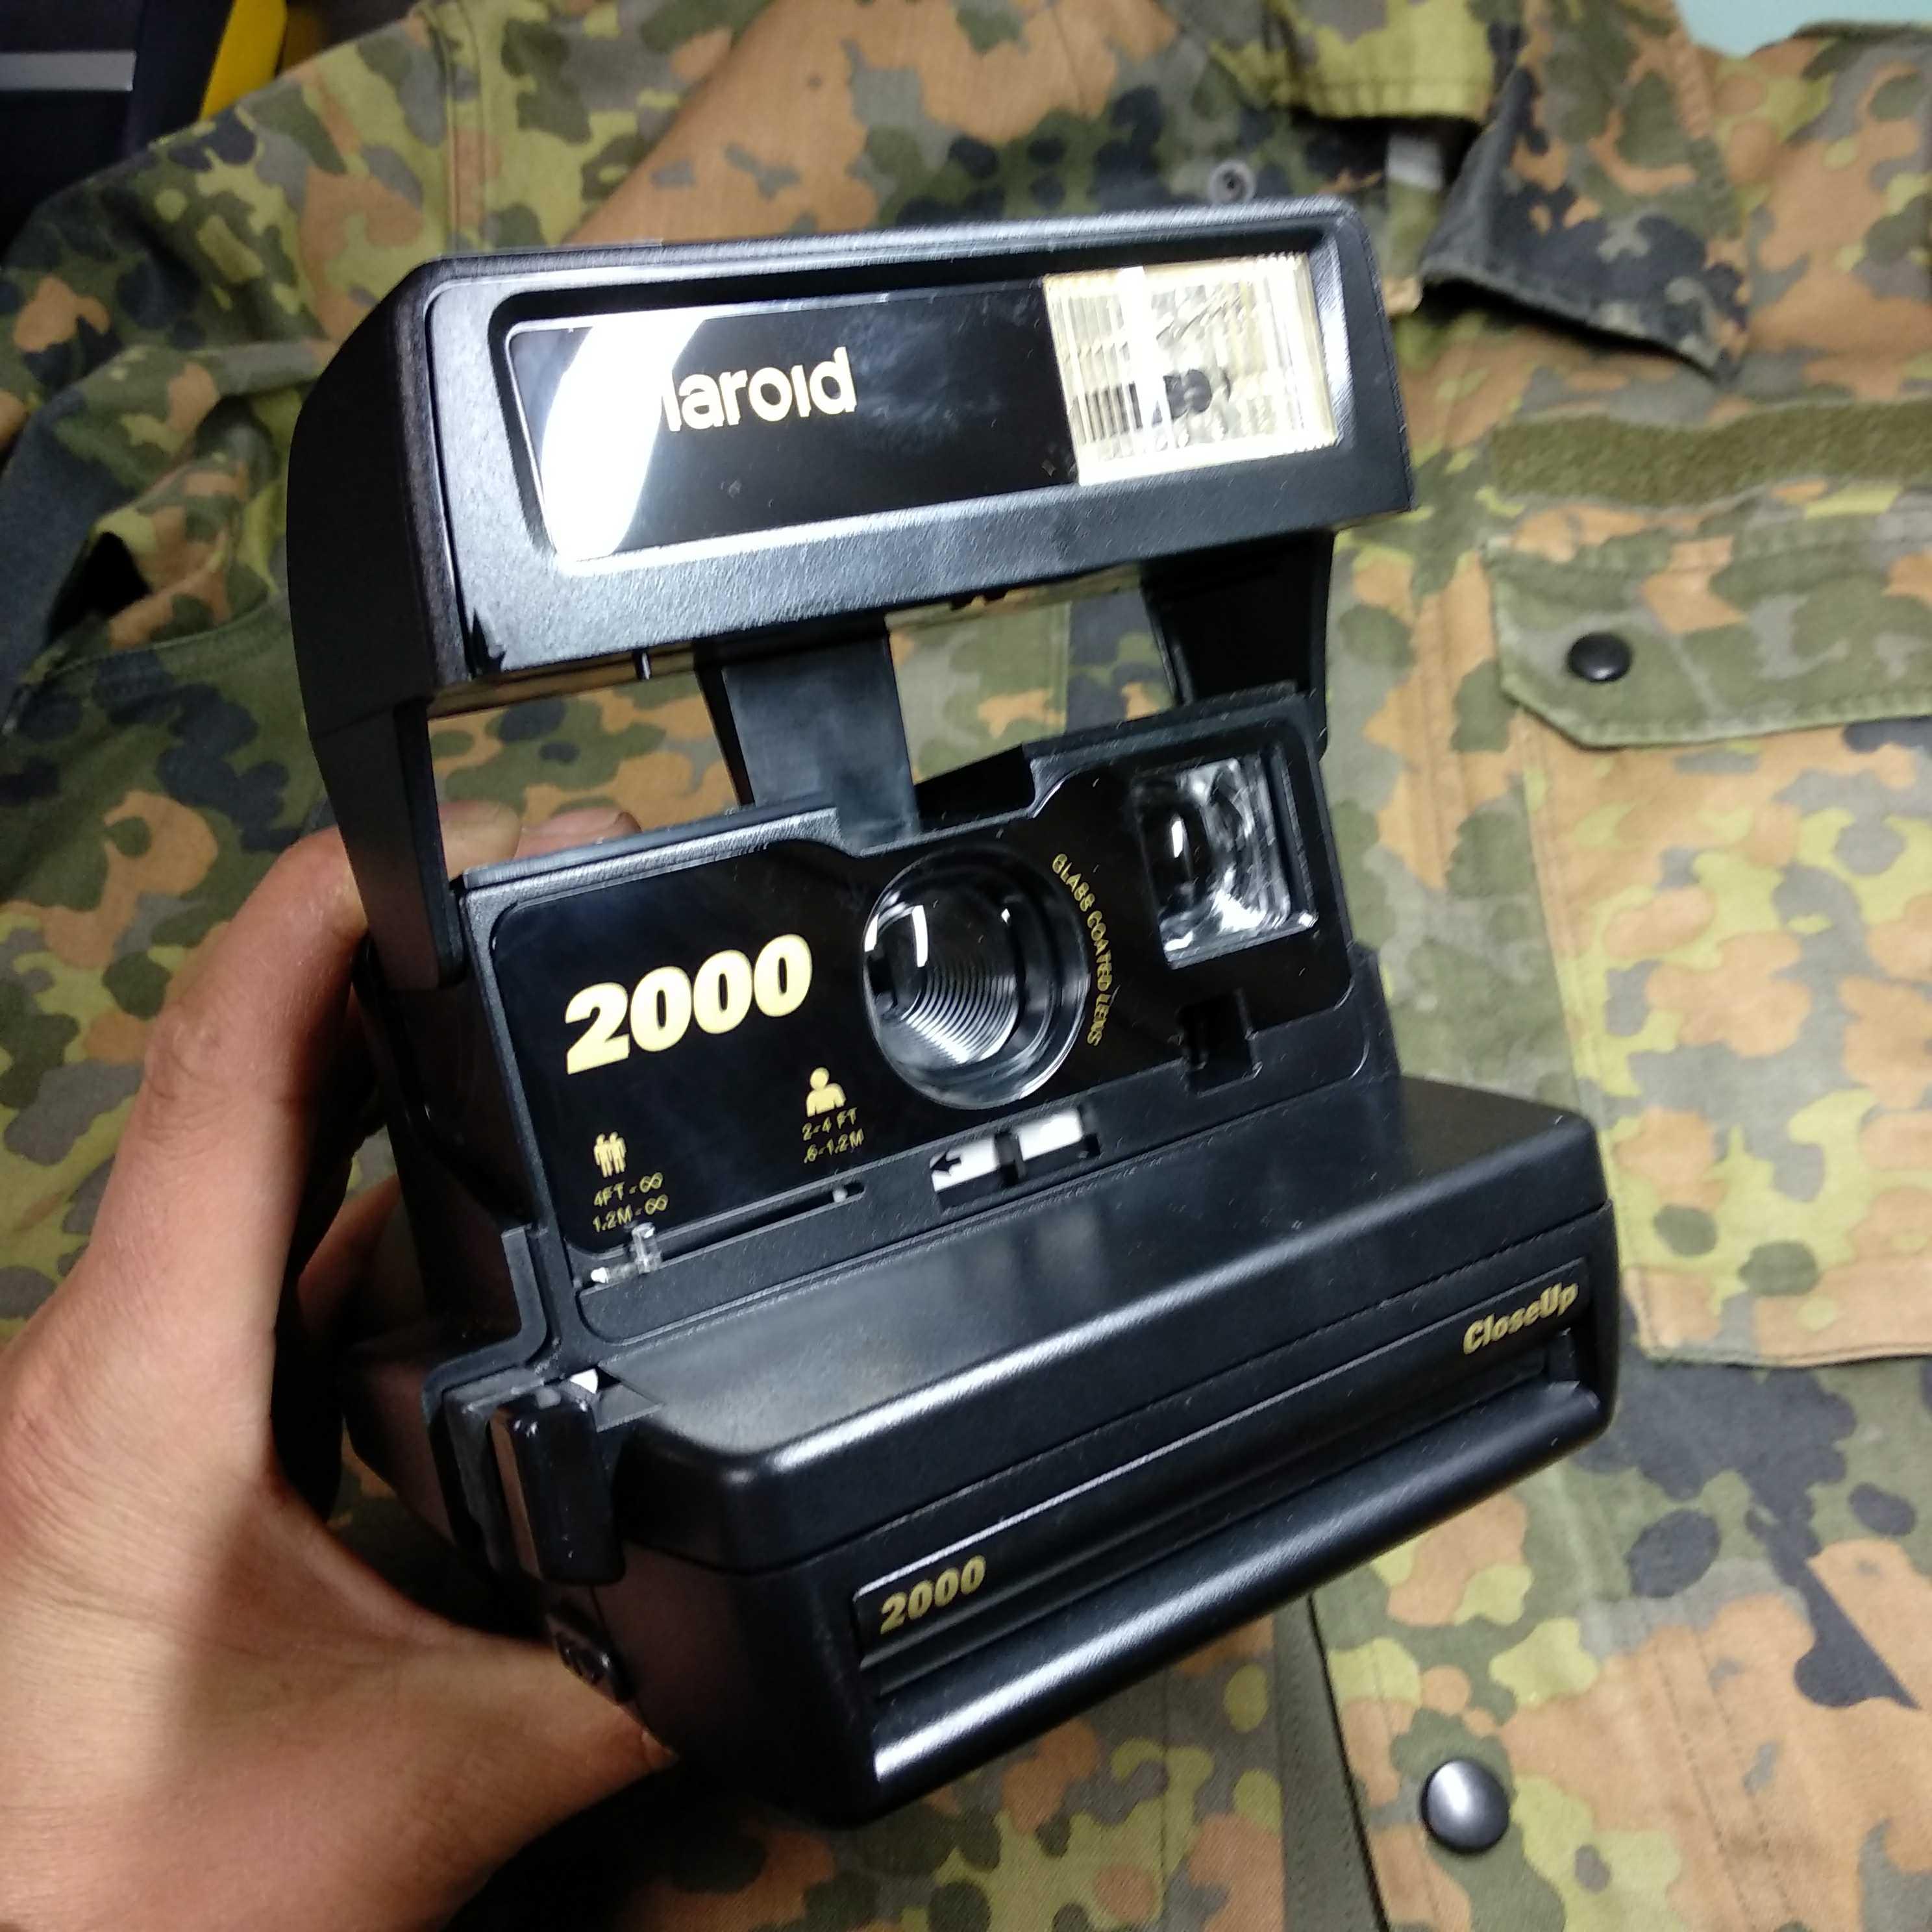 宝丽来新款2000型拍立得相机成色新功能好镜片好编号70410-25新券